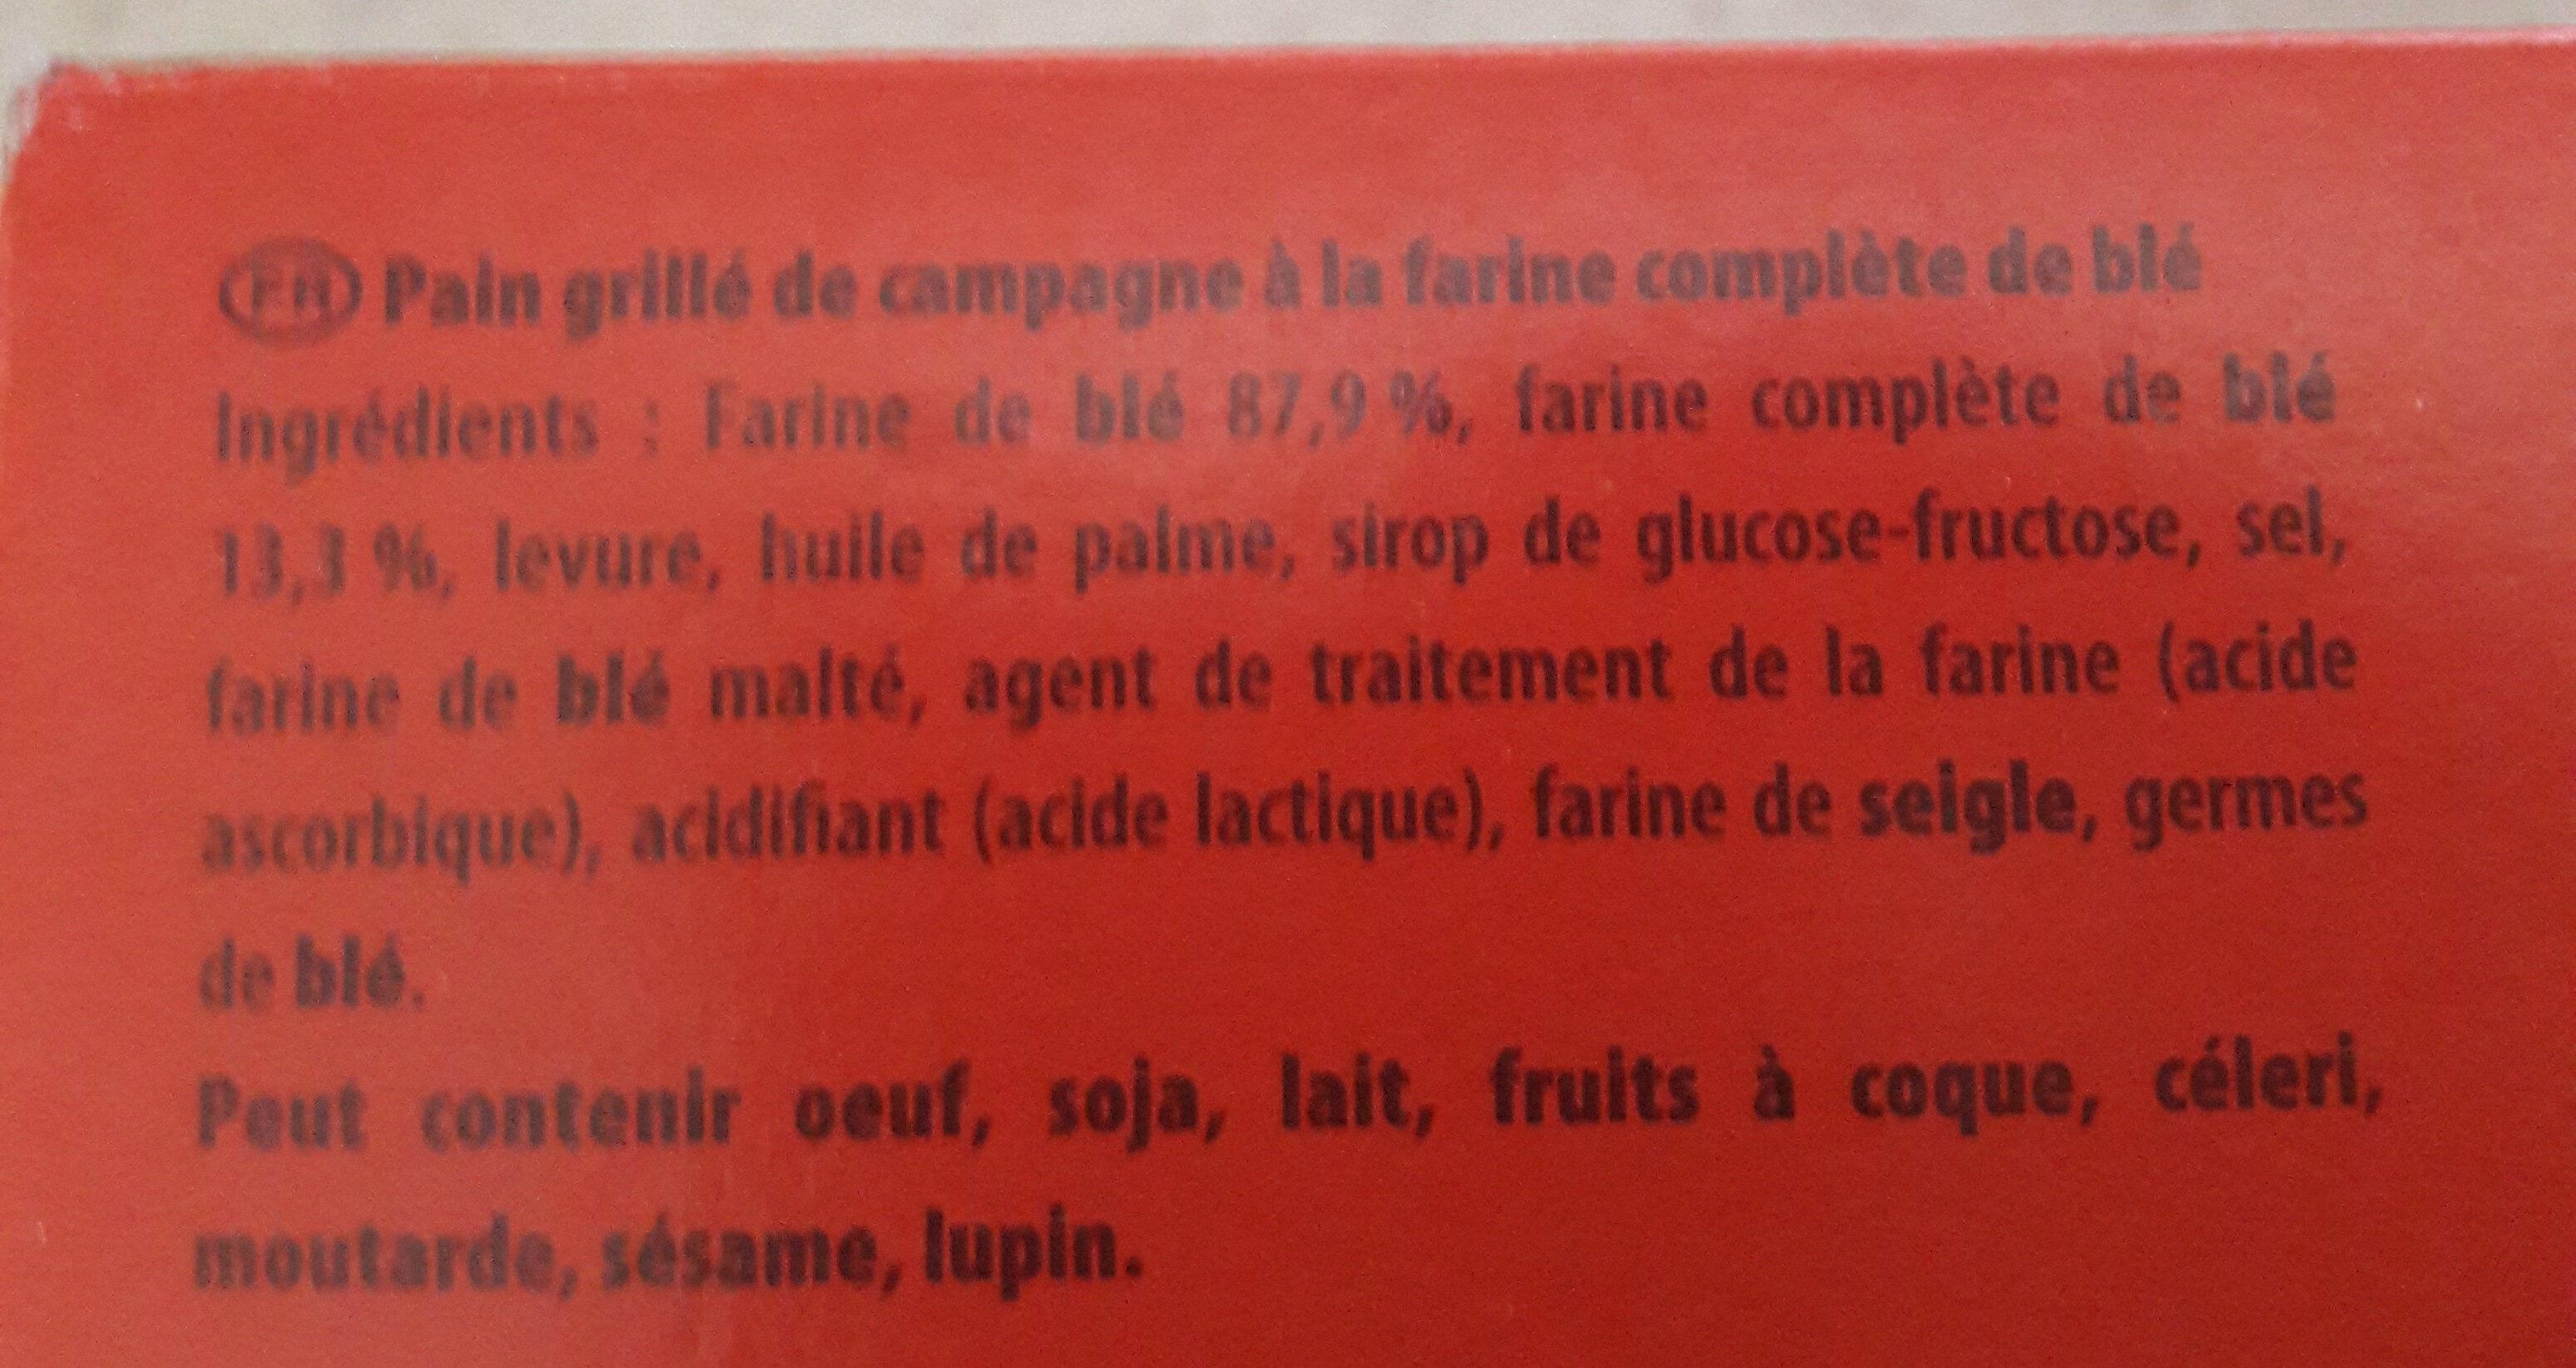 le pain grillé - Ingrédients - fr